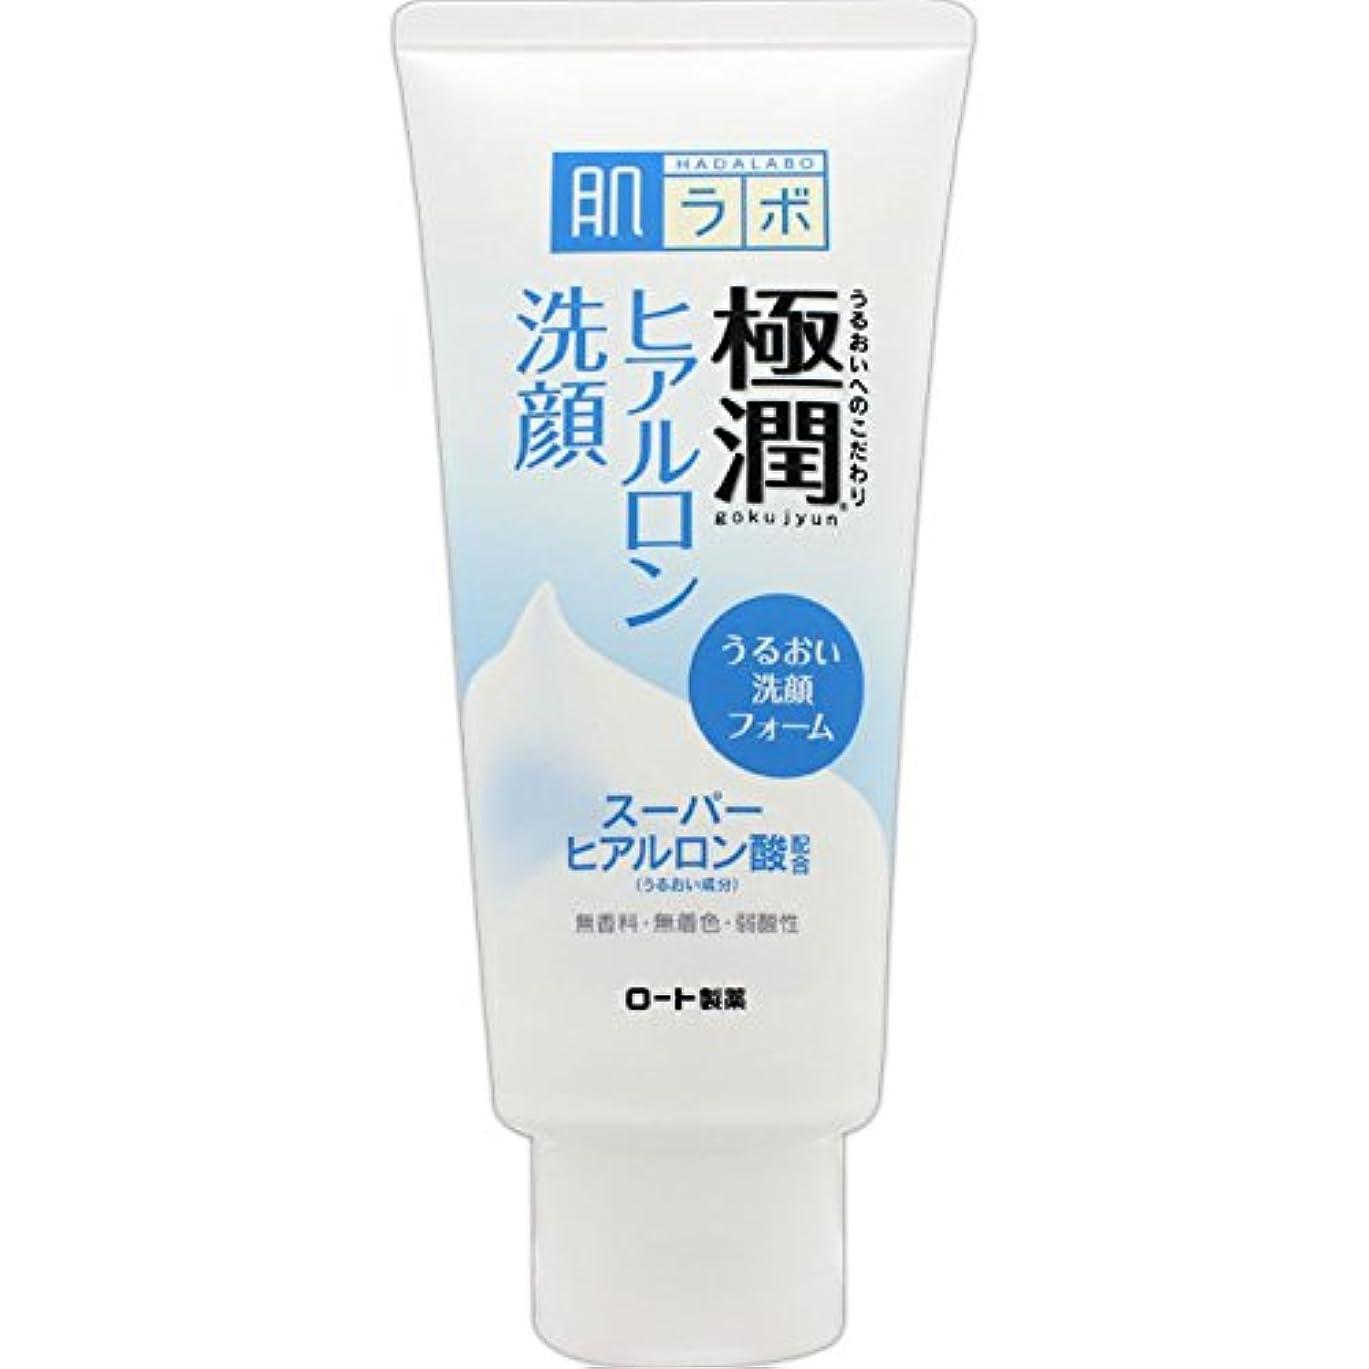 受動的叫び声に負ける肌ラボ 極潤 ヒアルロン洗顔フォーム スーパーヒアルロン酸&吸着型ヒアルロン酸をW配合 100g